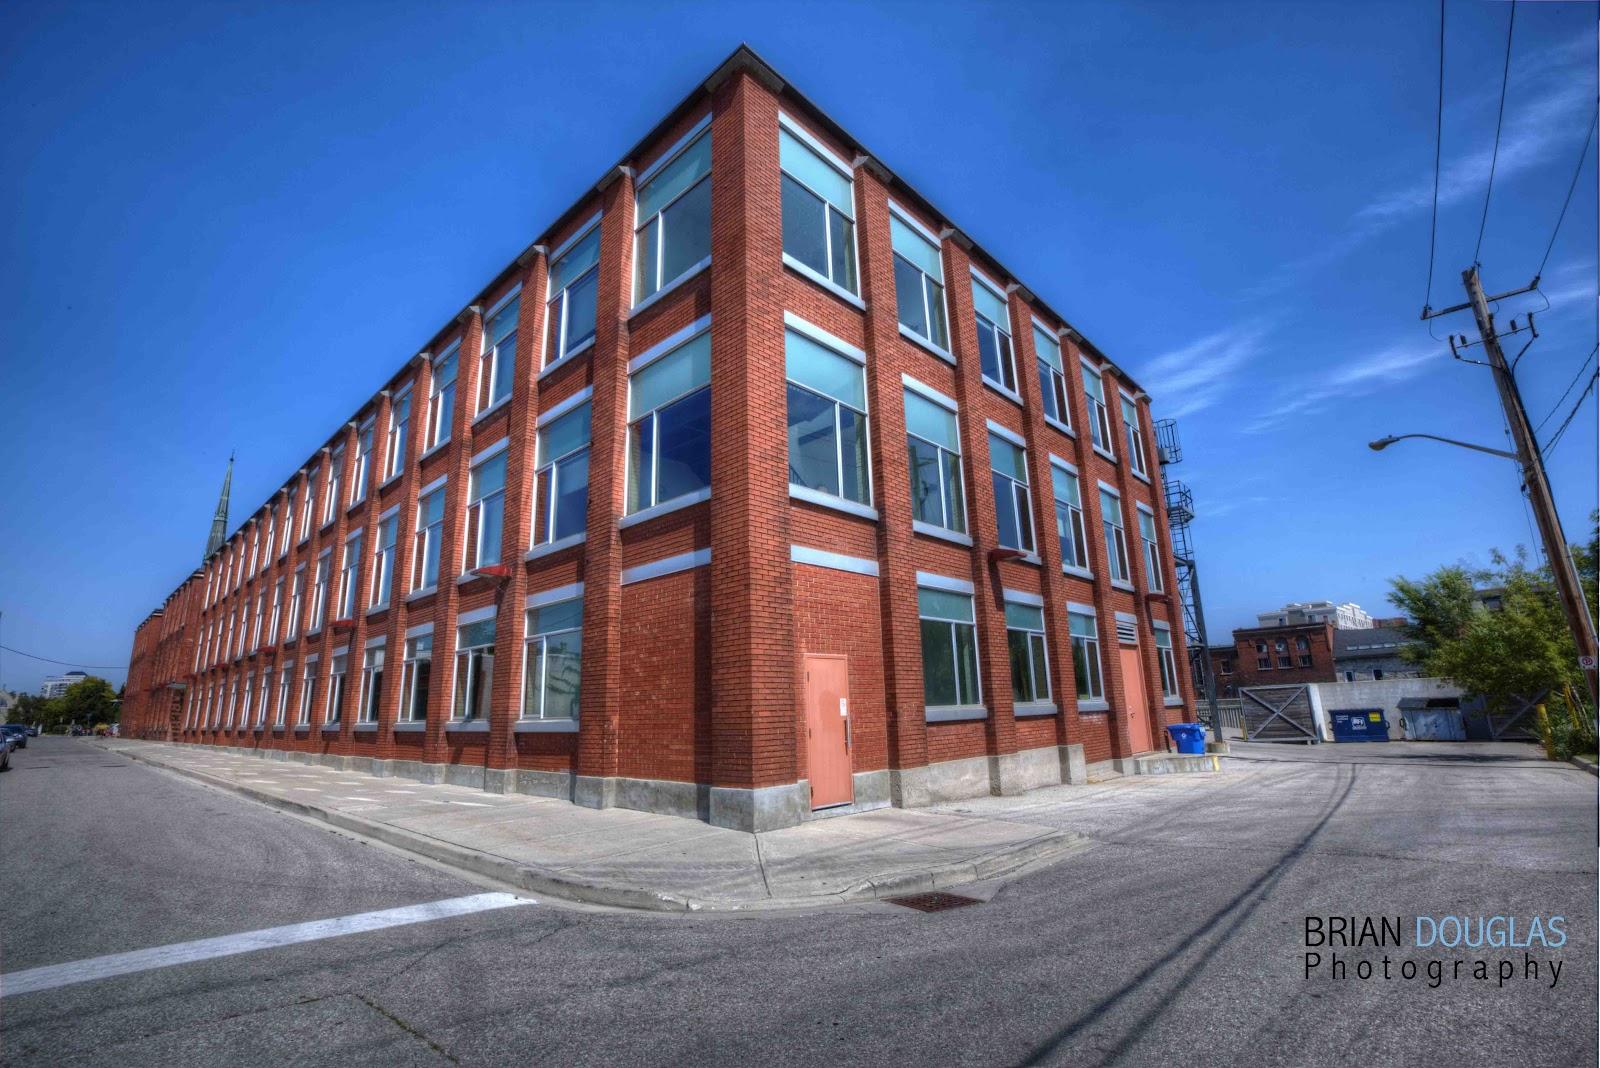 Waterloo School of Architecture - 2012 Doors Open Waterloo Region | Brian Douglas Photography